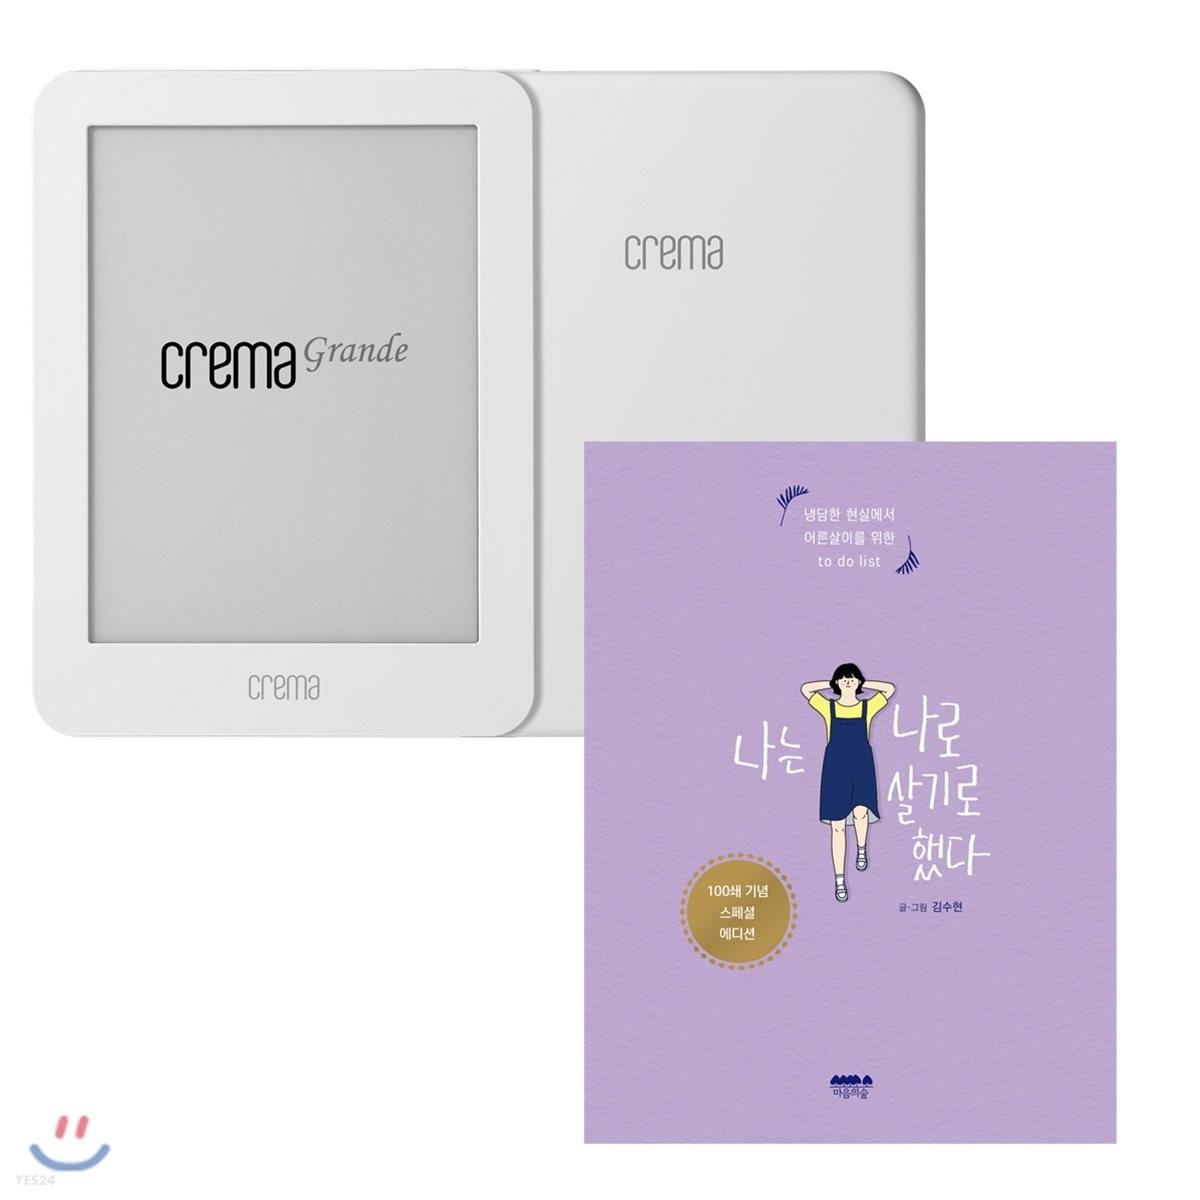 예스24 크레마 그랑데 (crema grande) : 화이트 + 나는 나로 살기로 했다 eBook 세트